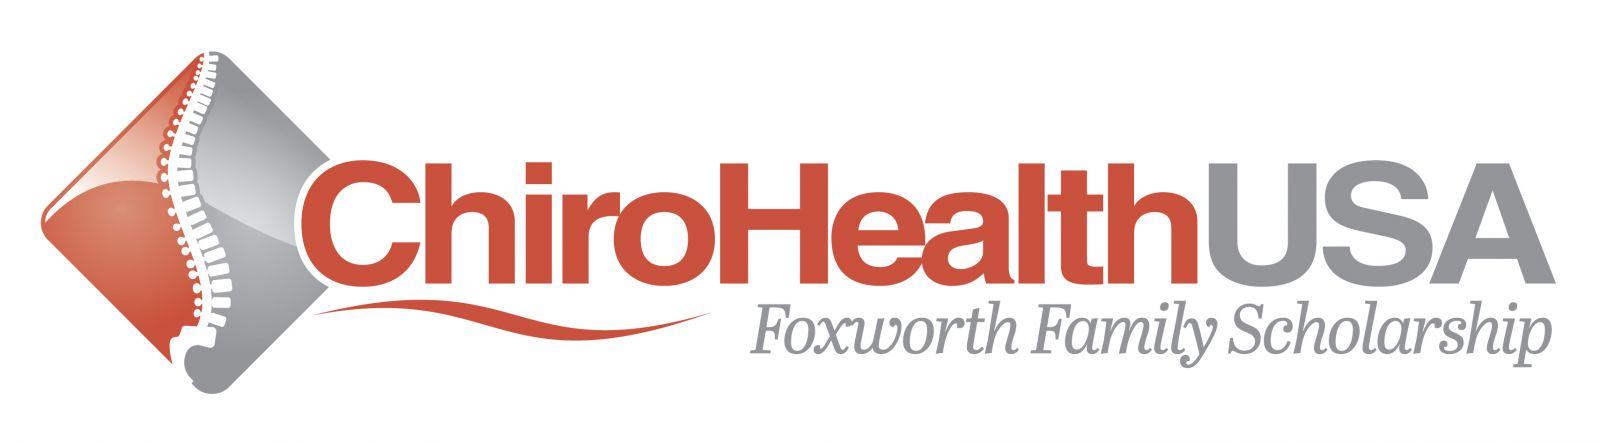 CHUSA - Foxworth Family Scholarship Logo-01